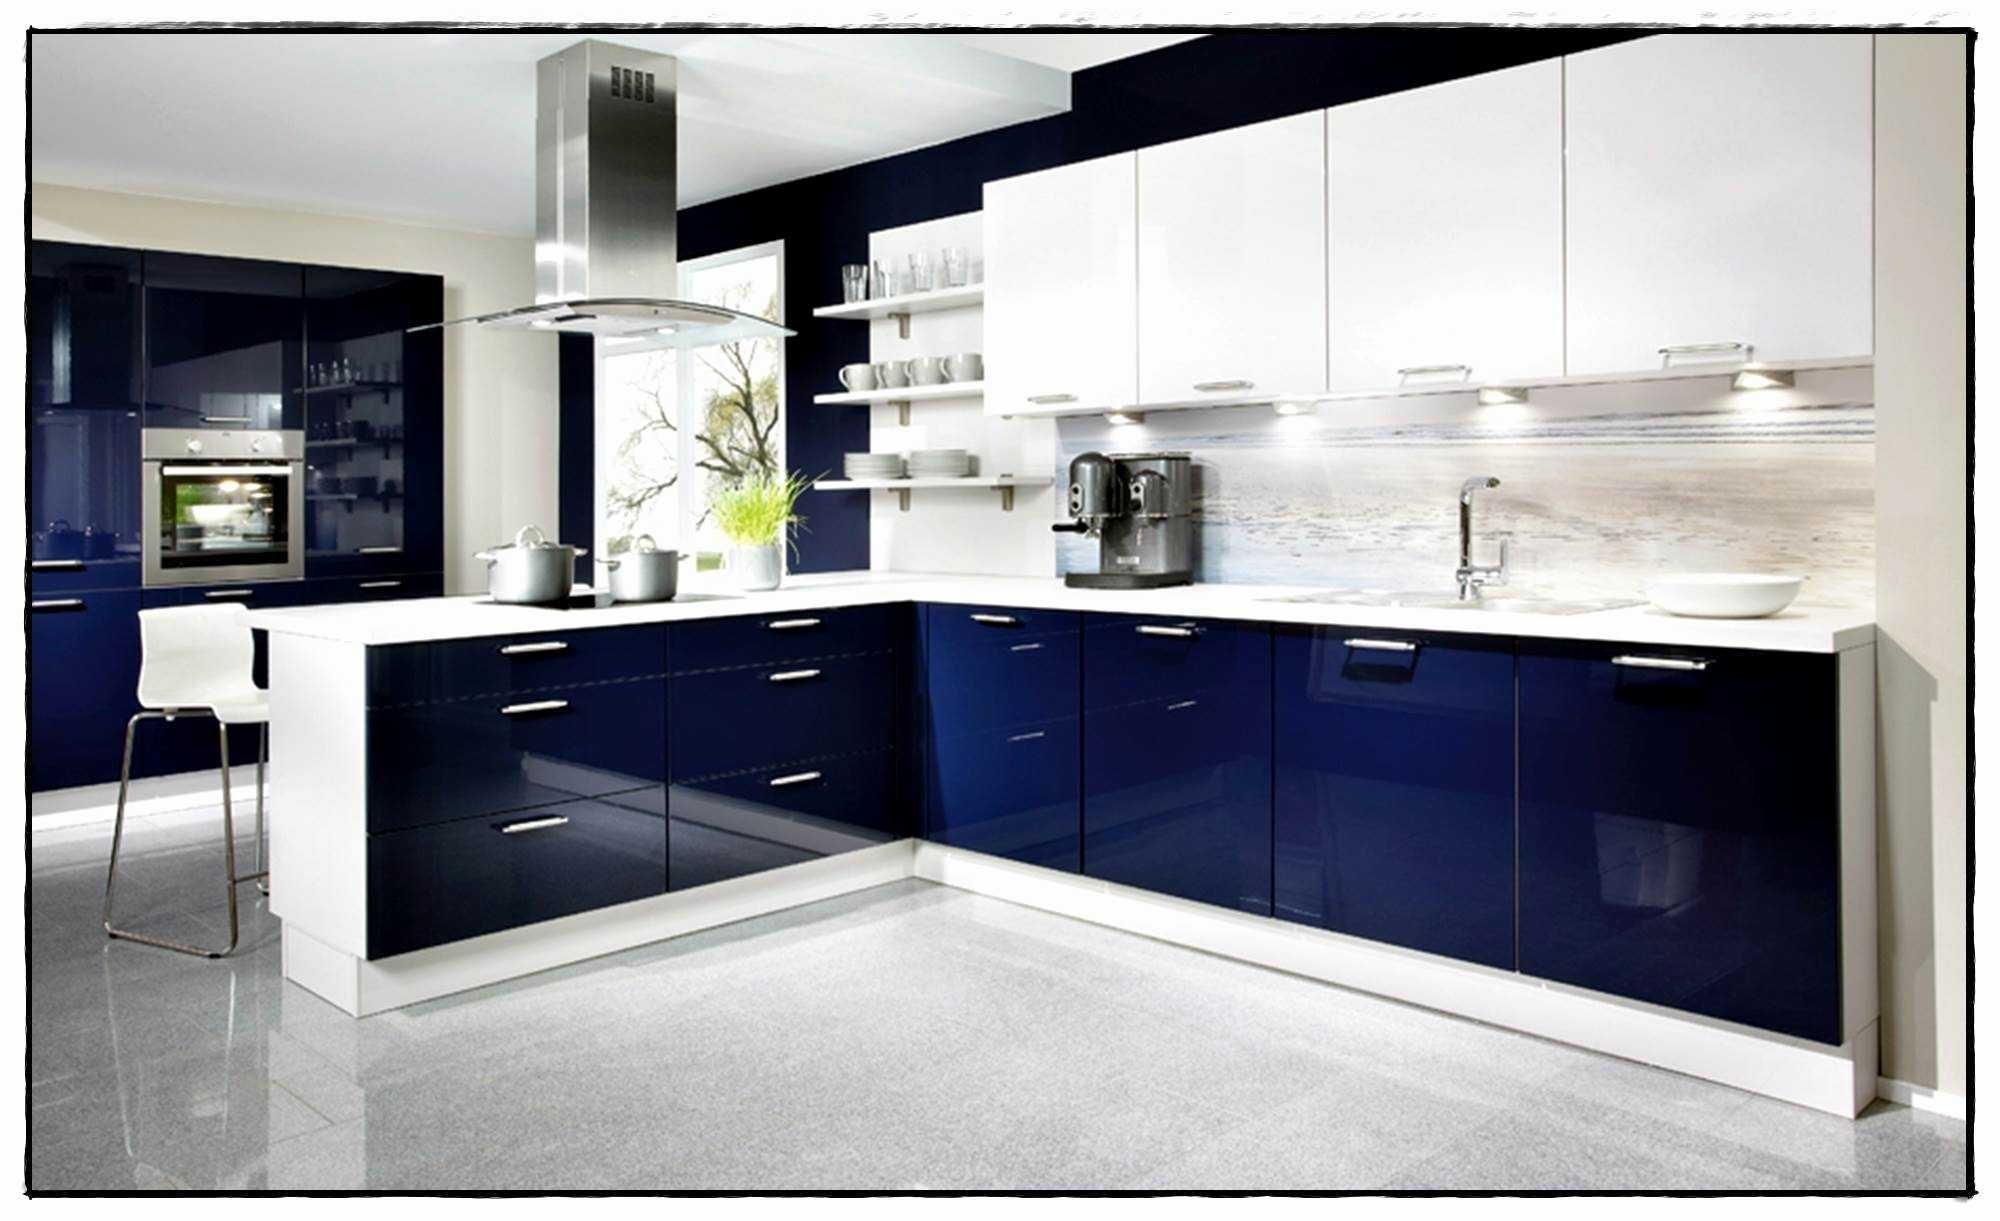 meuble italien haut de gamme boutique gain de. Black Bedroom Furniture Sets. Home Design Ideas